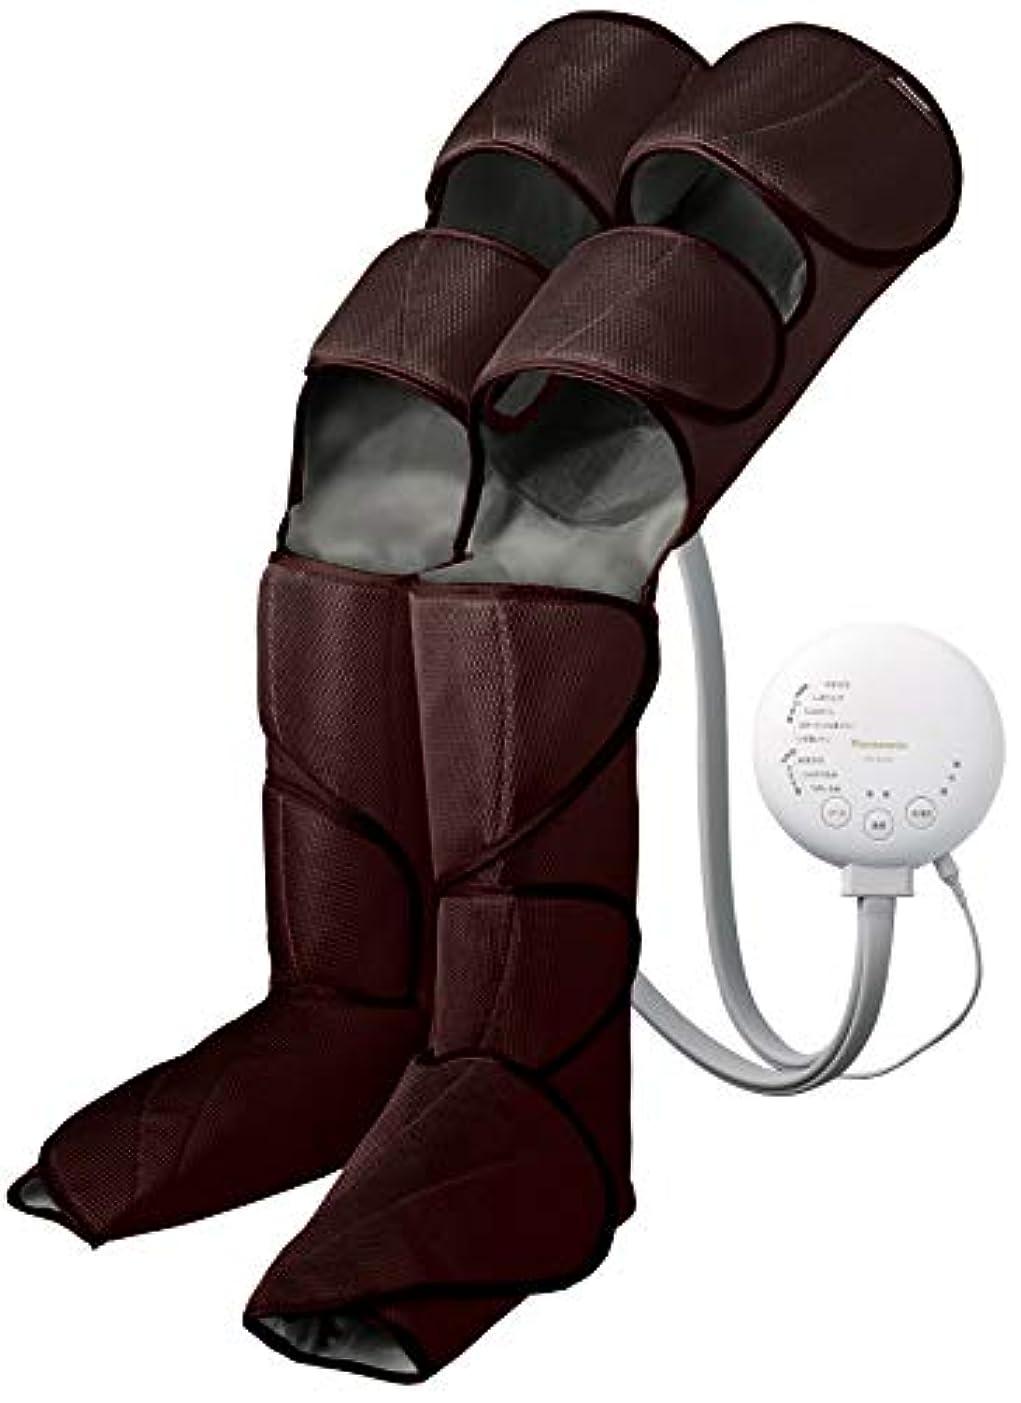 宿るペパーミント自分のためにパナソニック エアーマッサージャー レッグリフレ ひざ/太もも巻き対応 温感機能搭載 ダークブラウン EW-RA98-T